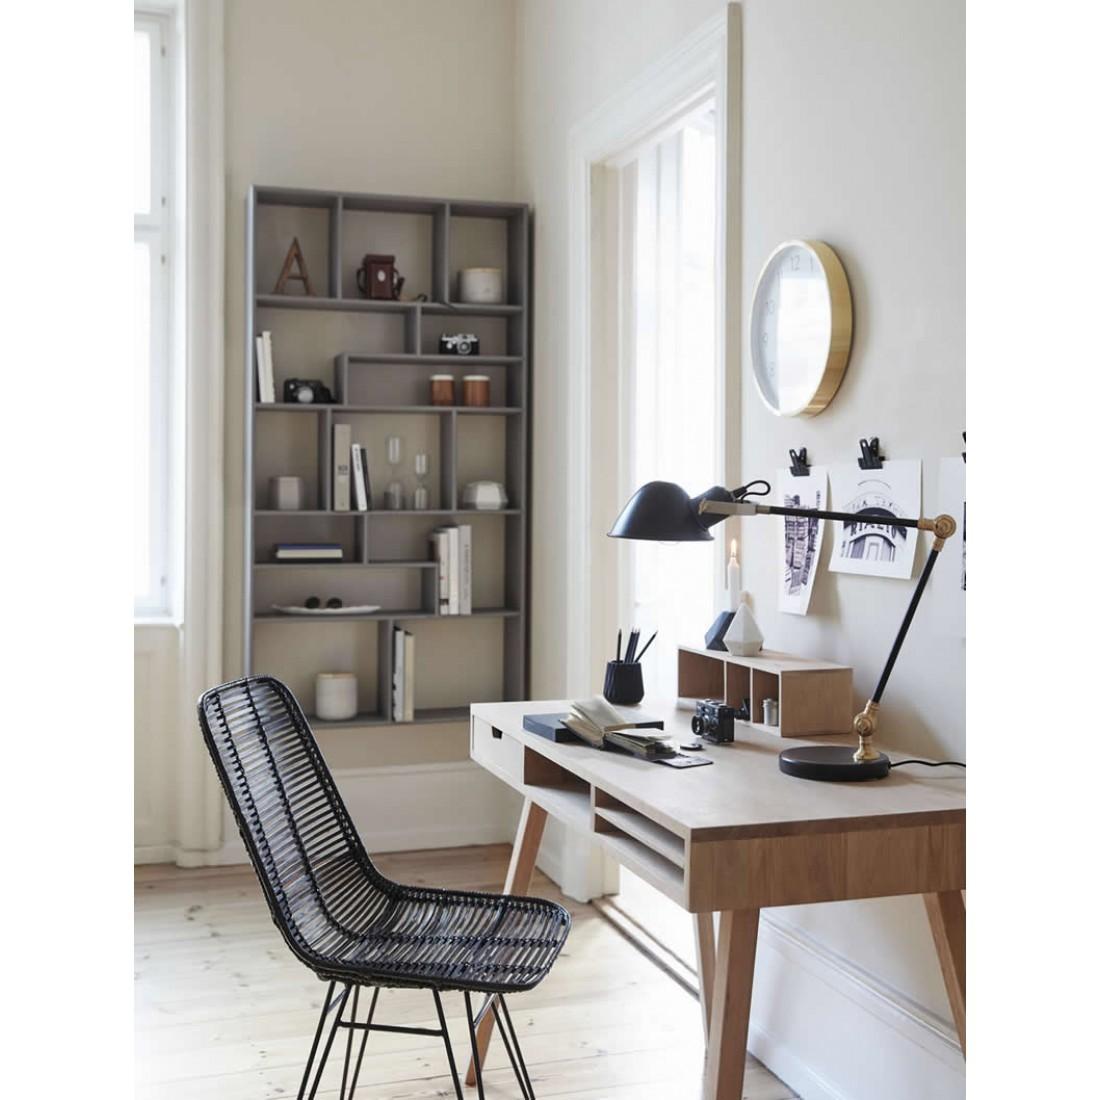 h bsch eiken buro met 3 vakken. Black Bedroom Furniture Sets. Home Design Ideas